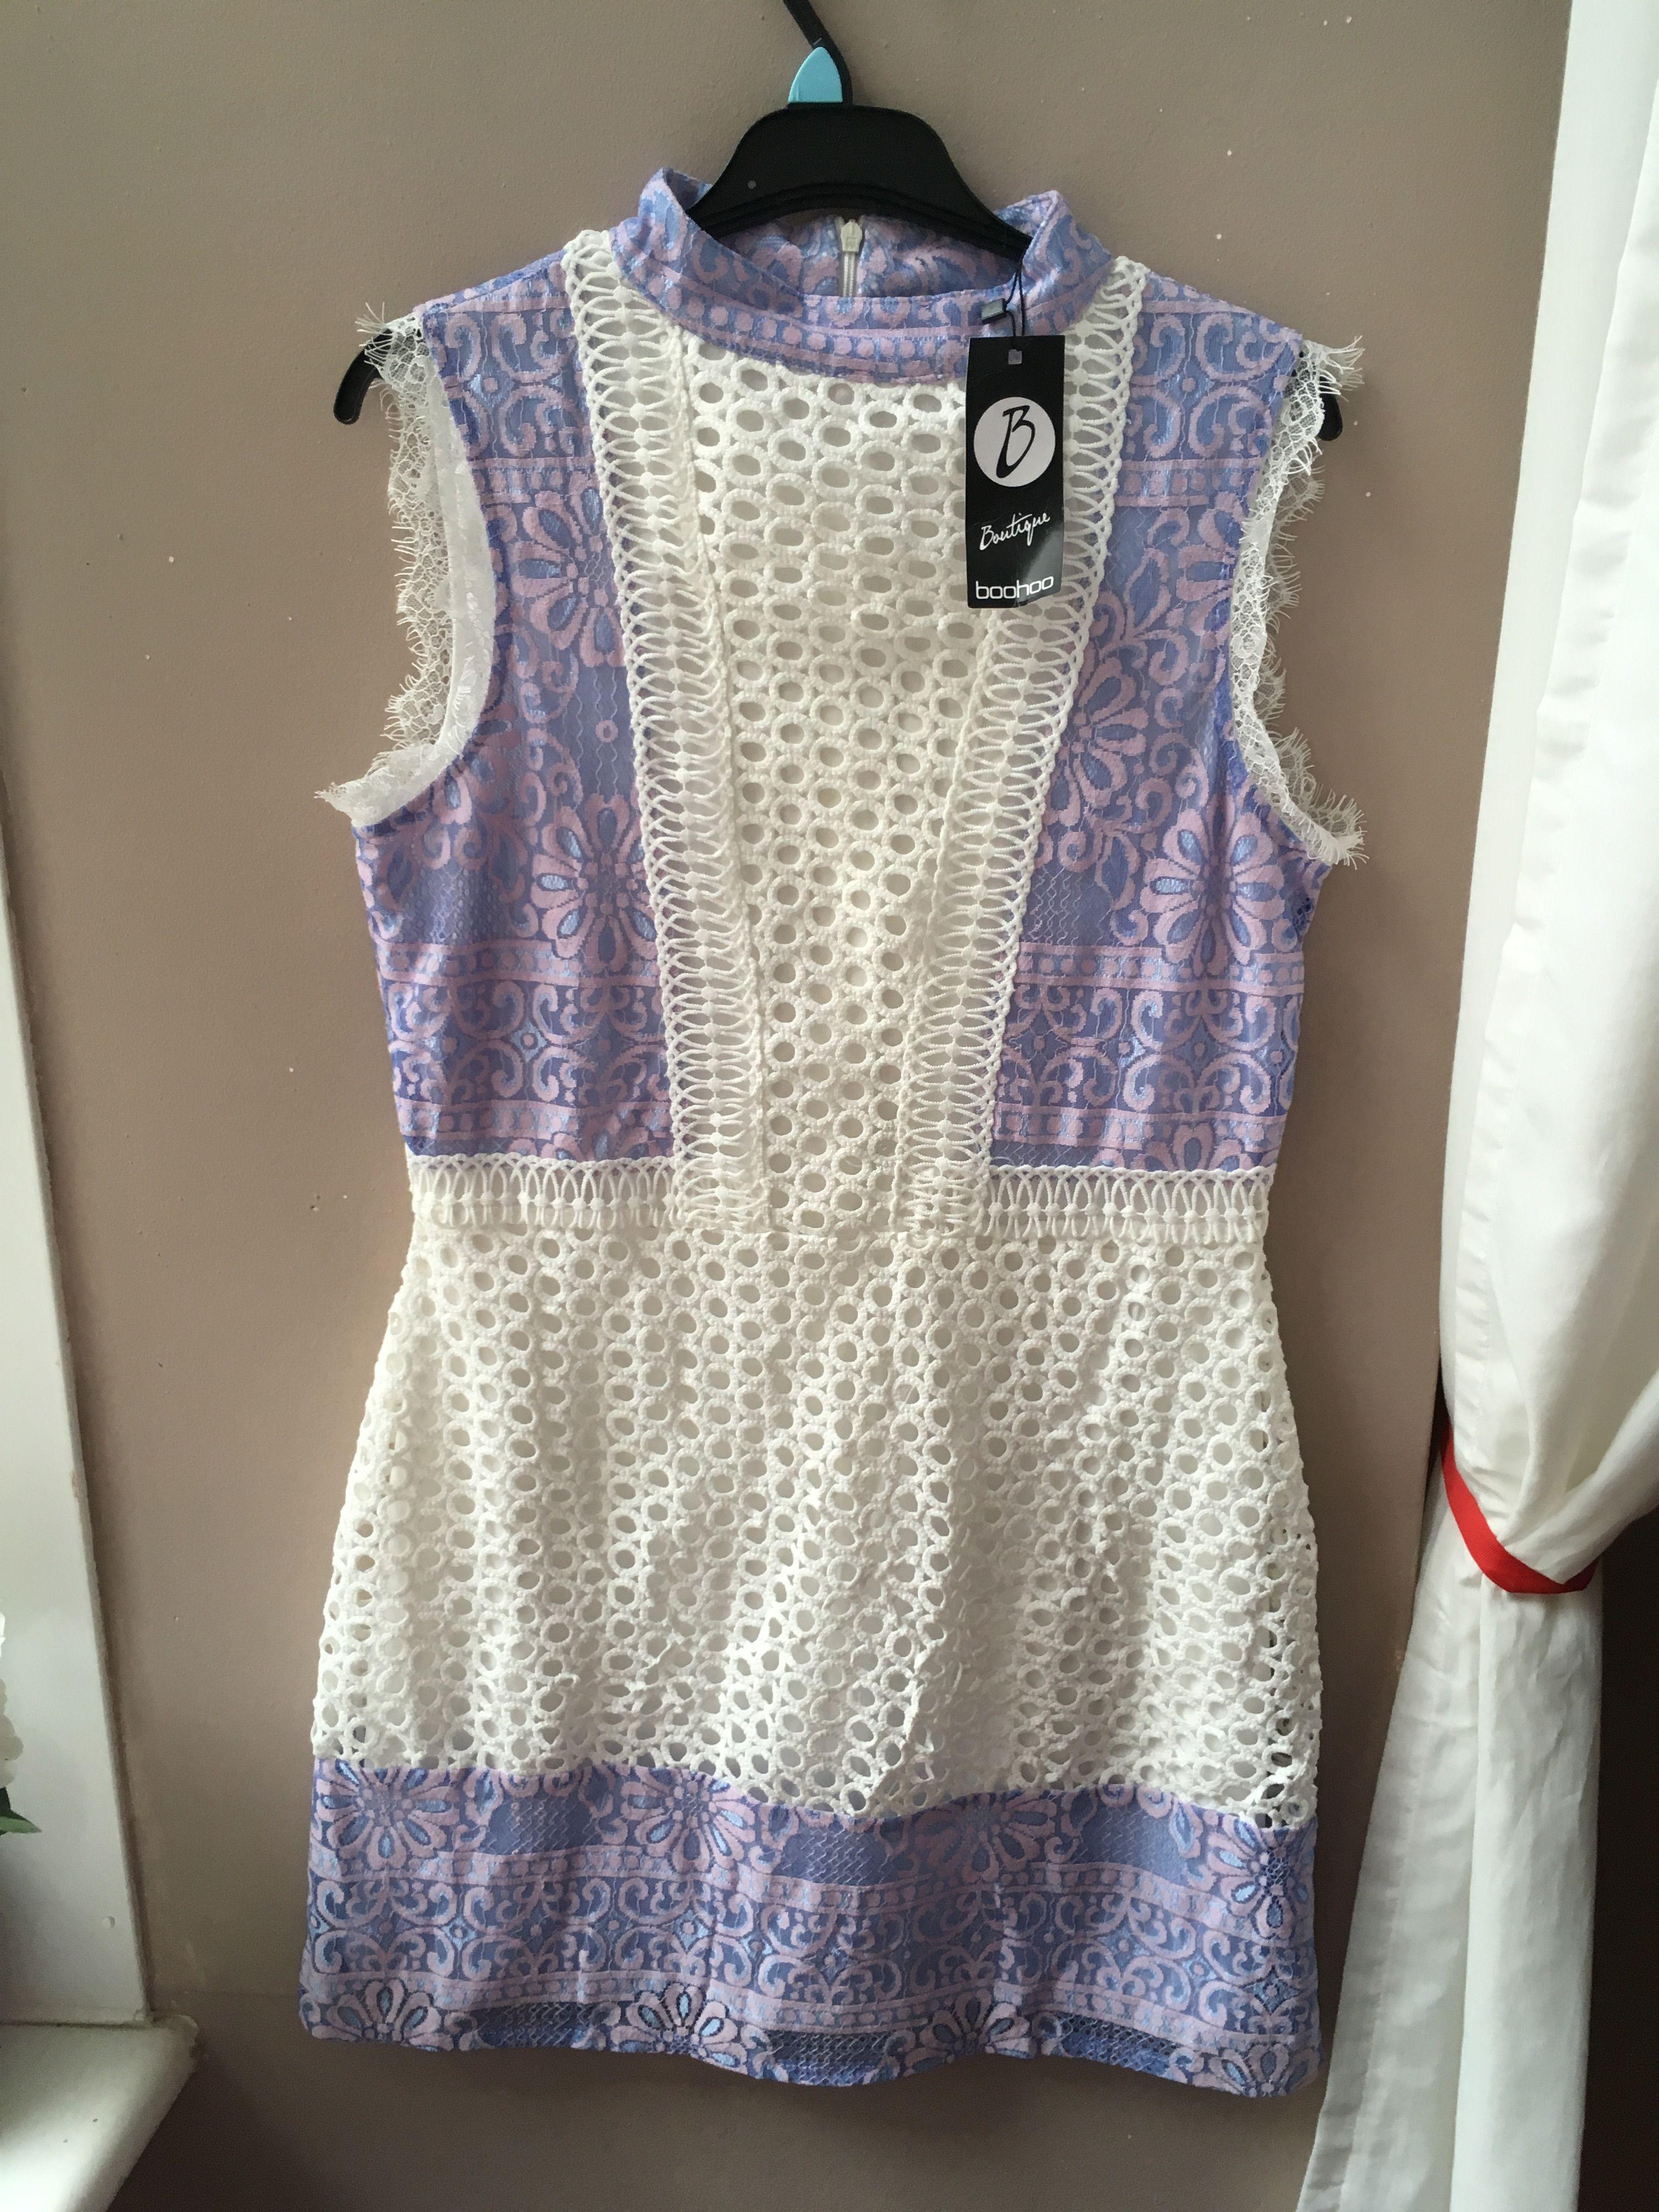 f75acb1b #Boohoo dress #womensfashion New With Tags #buy Vinted /Depop/EBay  @wowflamingo